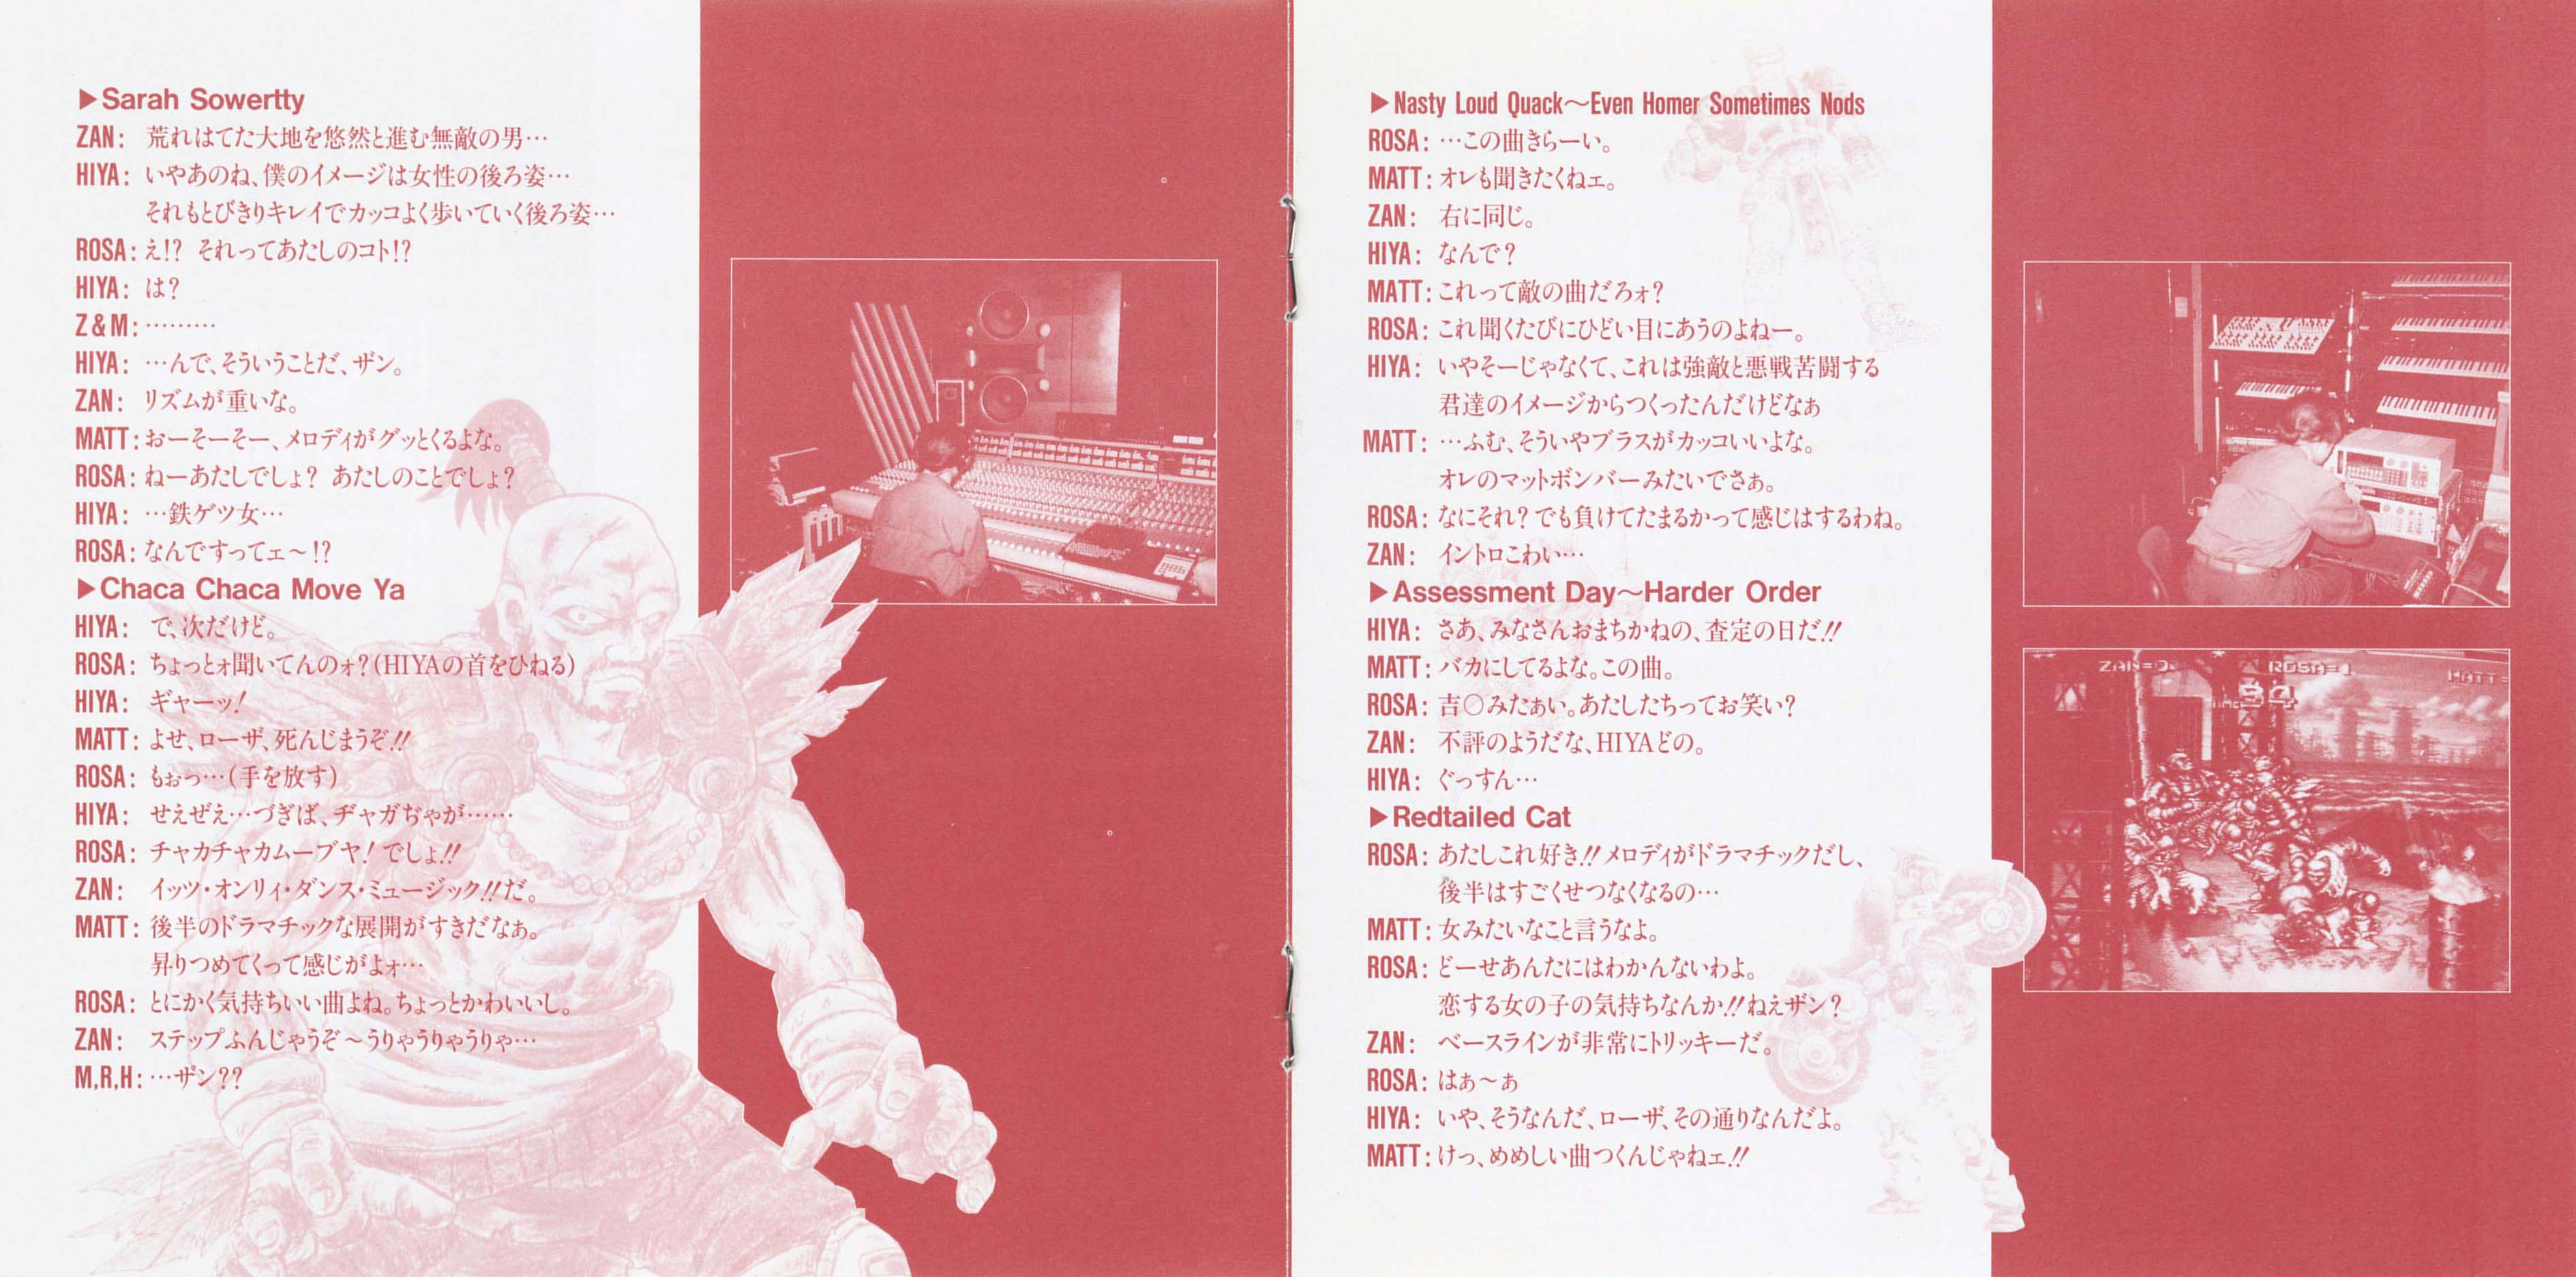 Undercover Cops (IREM) Original Soundtrack MP3 - Download ...